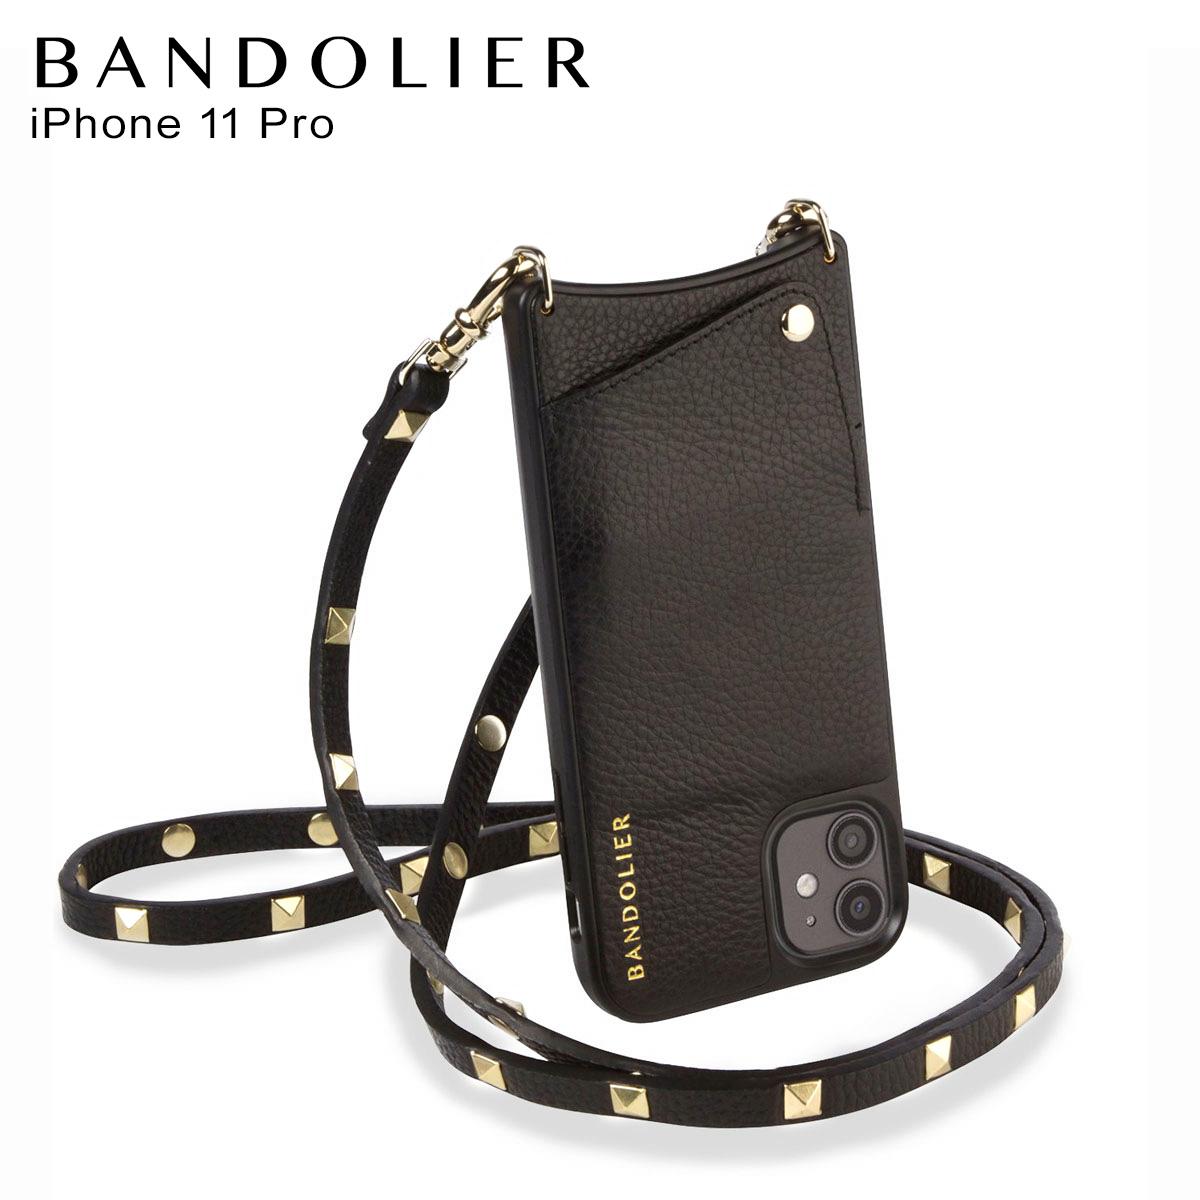 バンドリヤー BANDOLIER サラ ゴールド iPhone11 Pro ケース スマホ 携帯 ショルダー アイフォン メンズ レディース SARAH GOLD ブラック 黒 2014